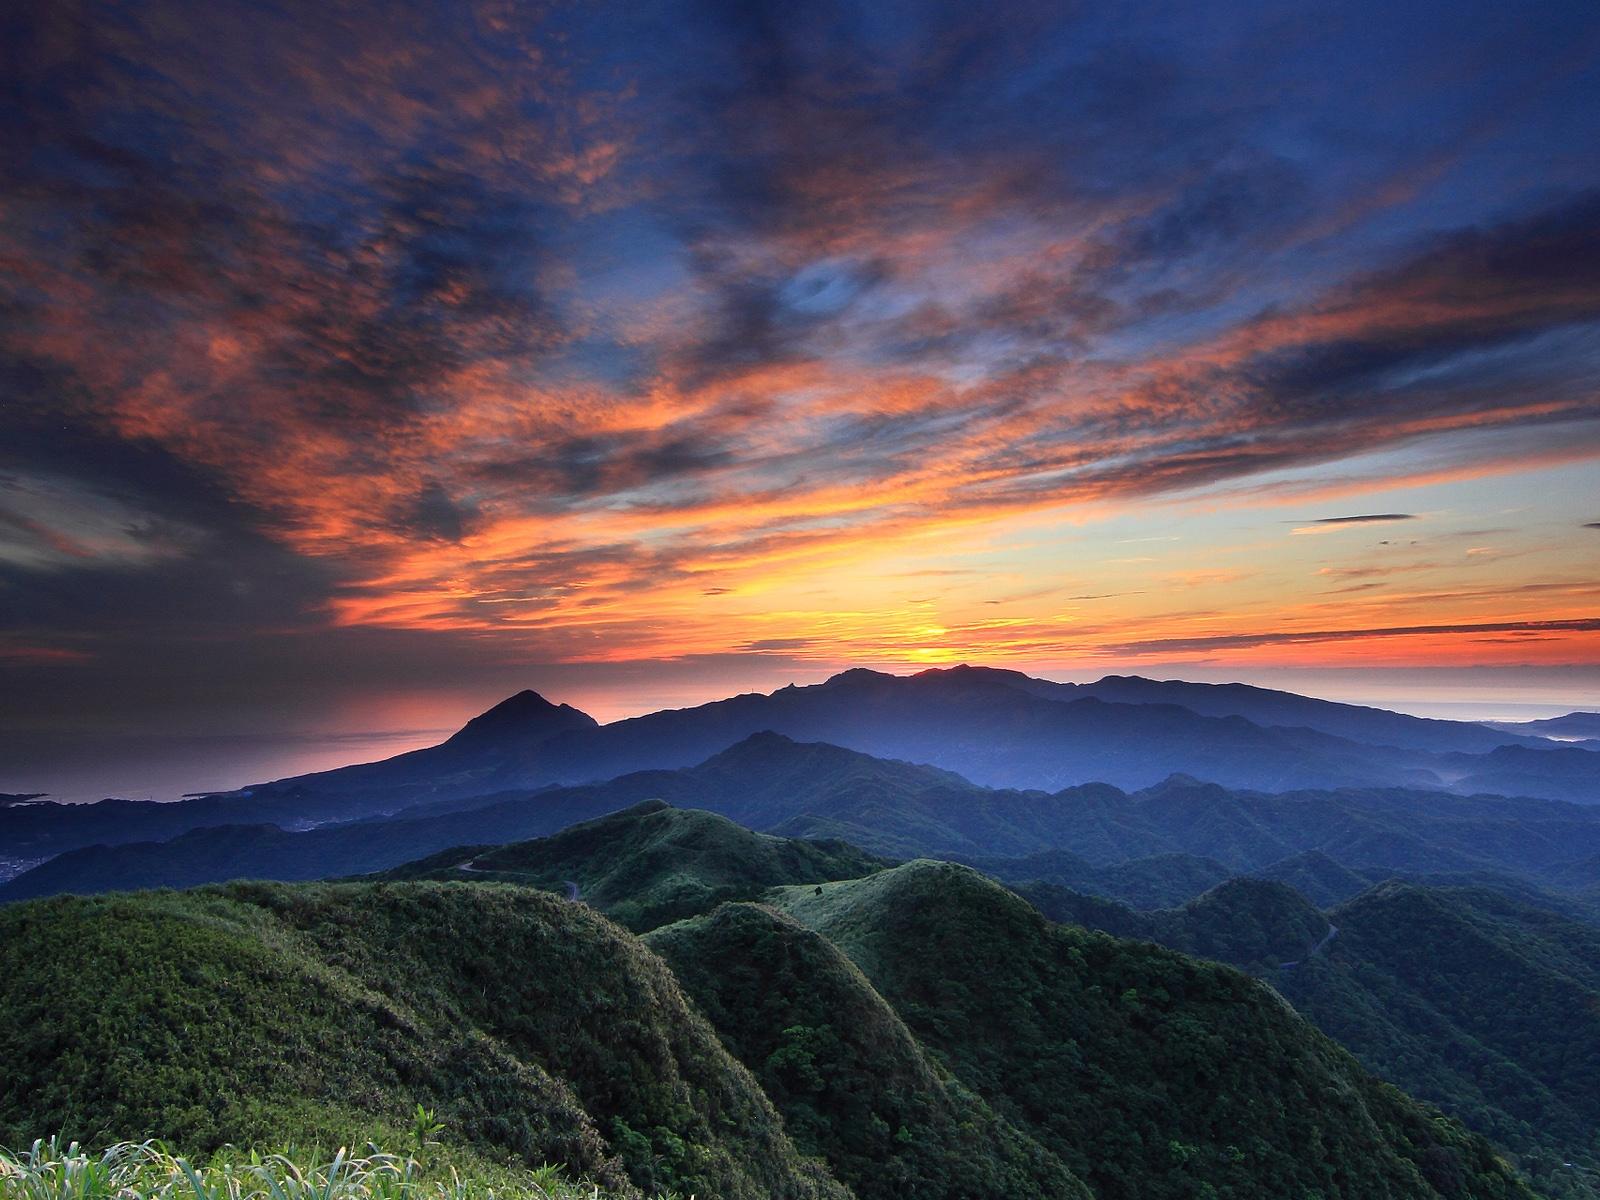 Wallpaper Evening Sunset Sky Clouds Hills Forest Grass